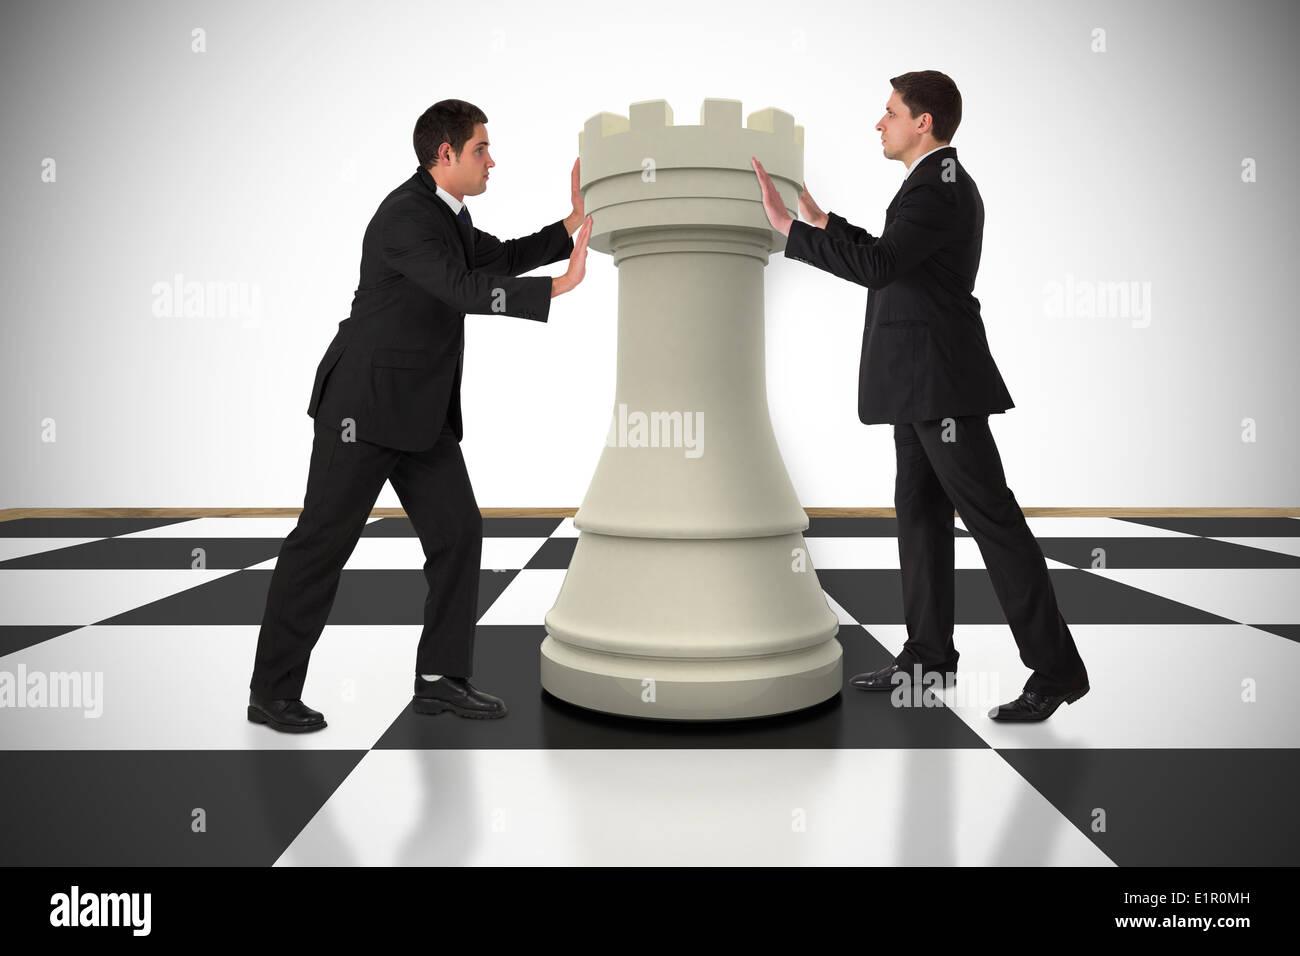 Image composite des gens d'affaires poussant chess piece Banque D'Images